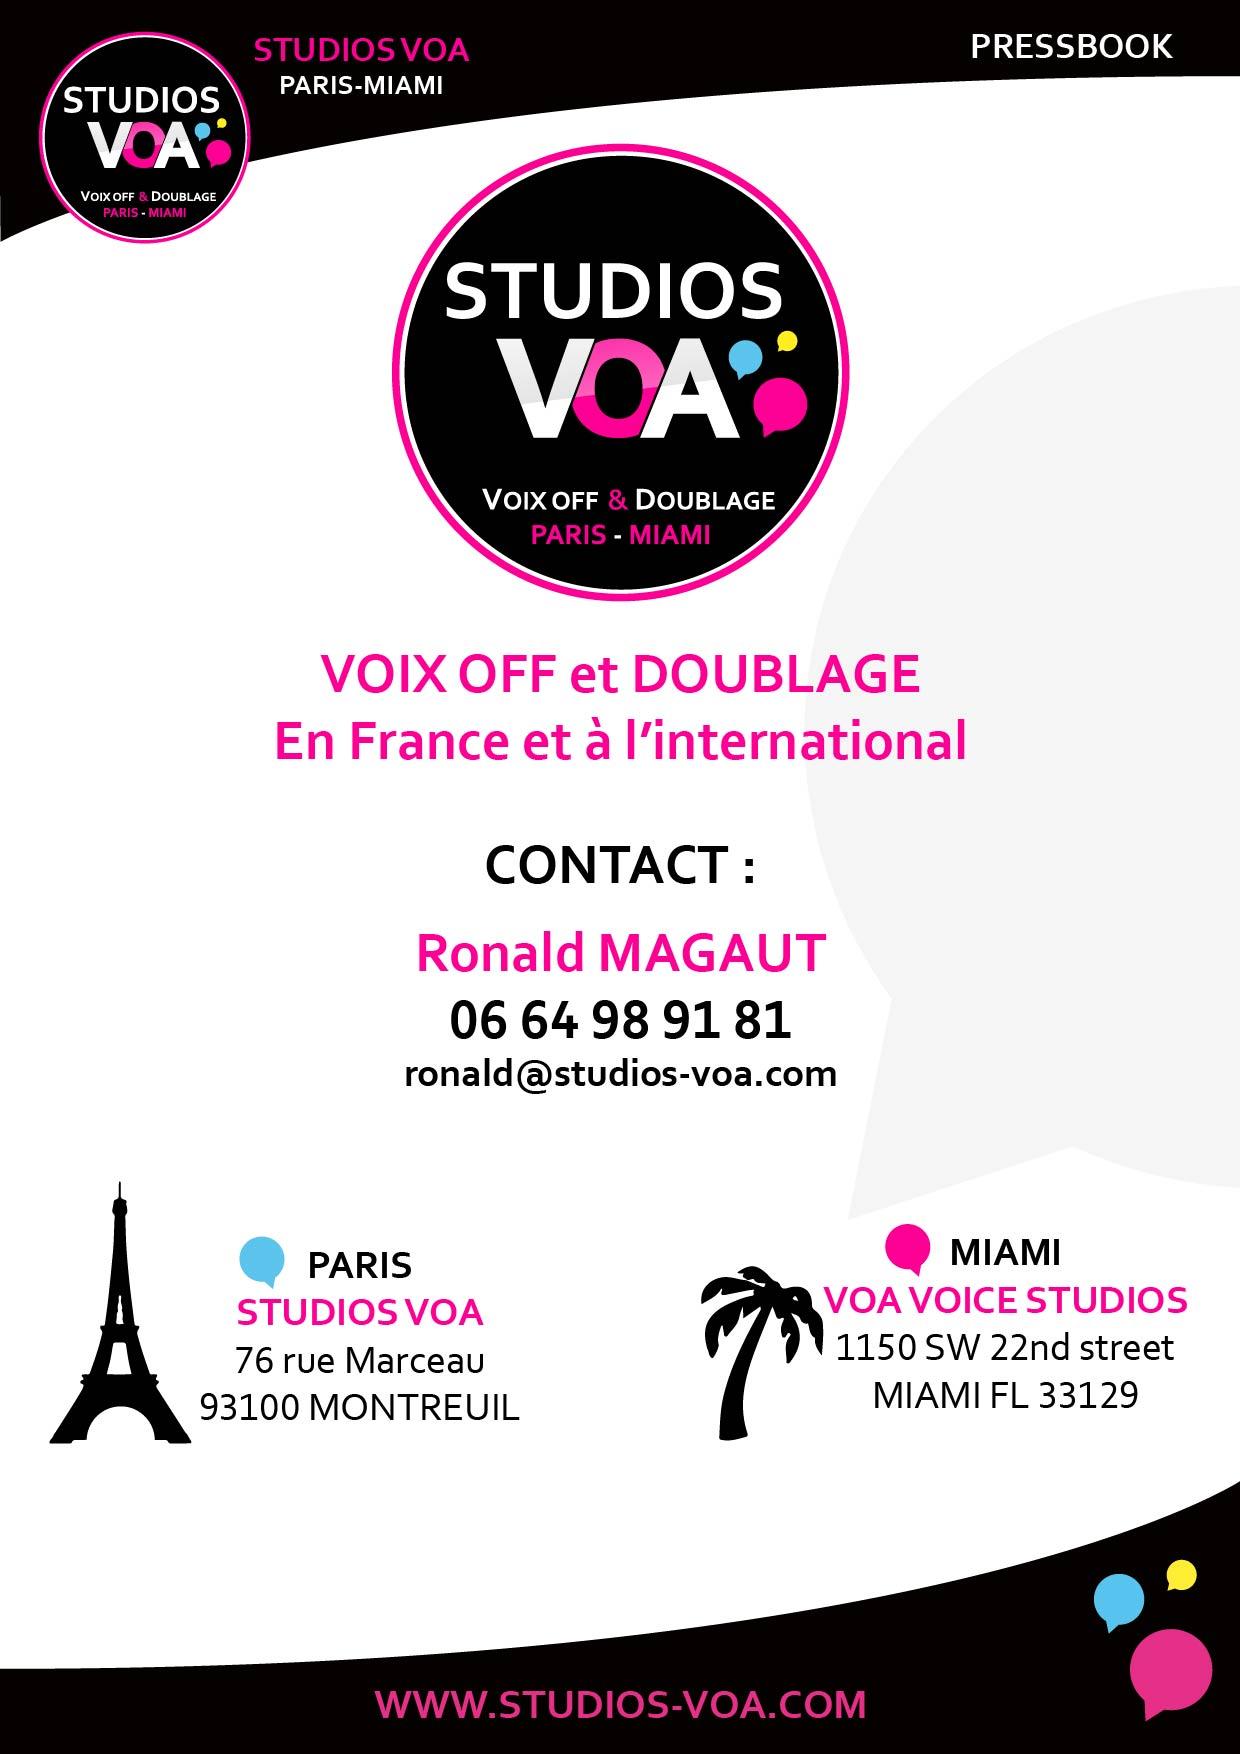 Pressbook-VOA_160122_Plan-de-travail-38